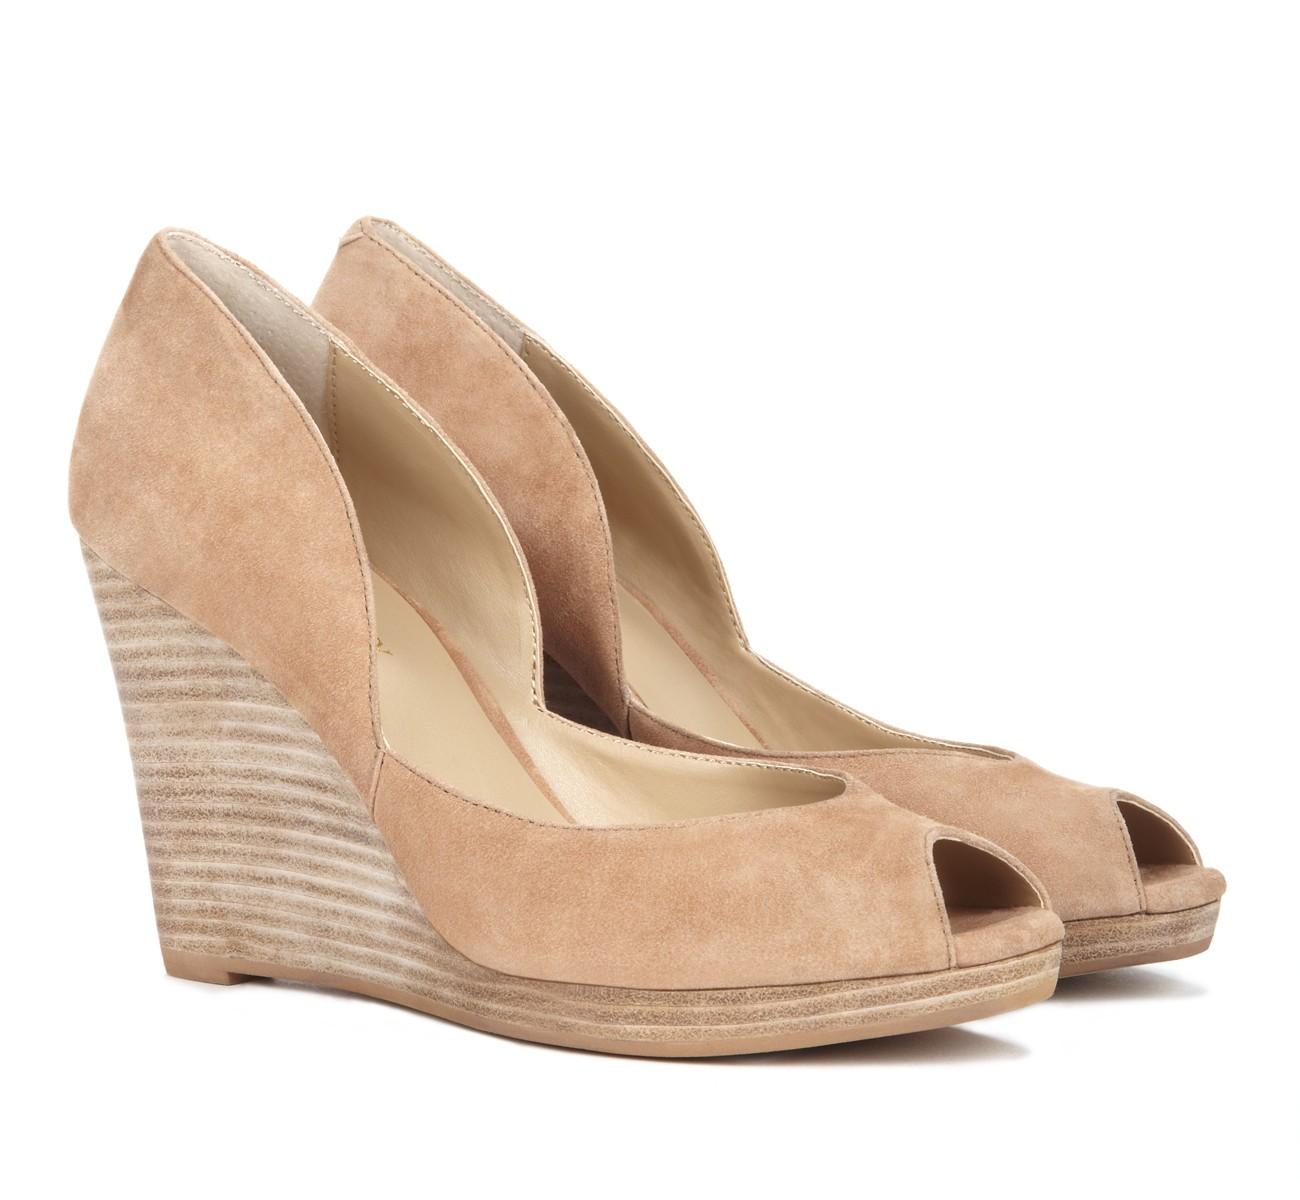 Peep toe wedges, Me too shoes